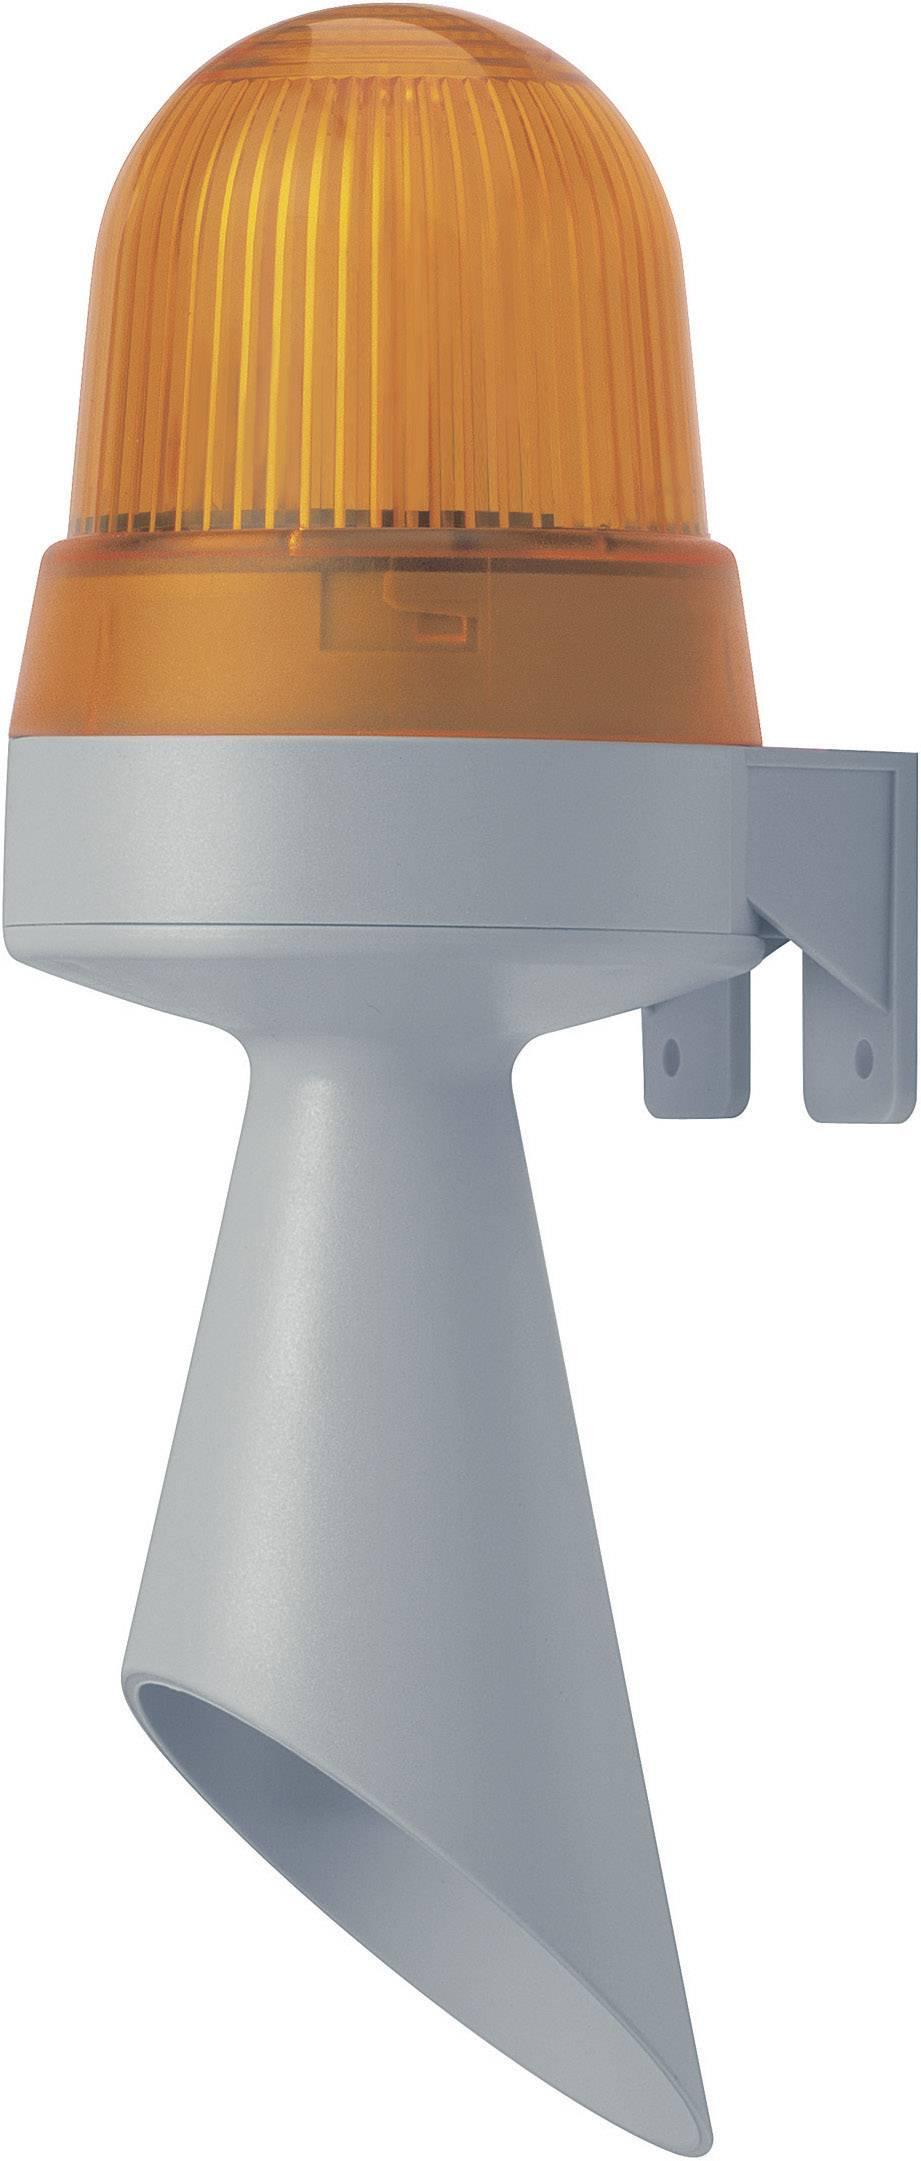 Siréna s LED Werma 424.120.75, 24 V/DC, IP65, červená